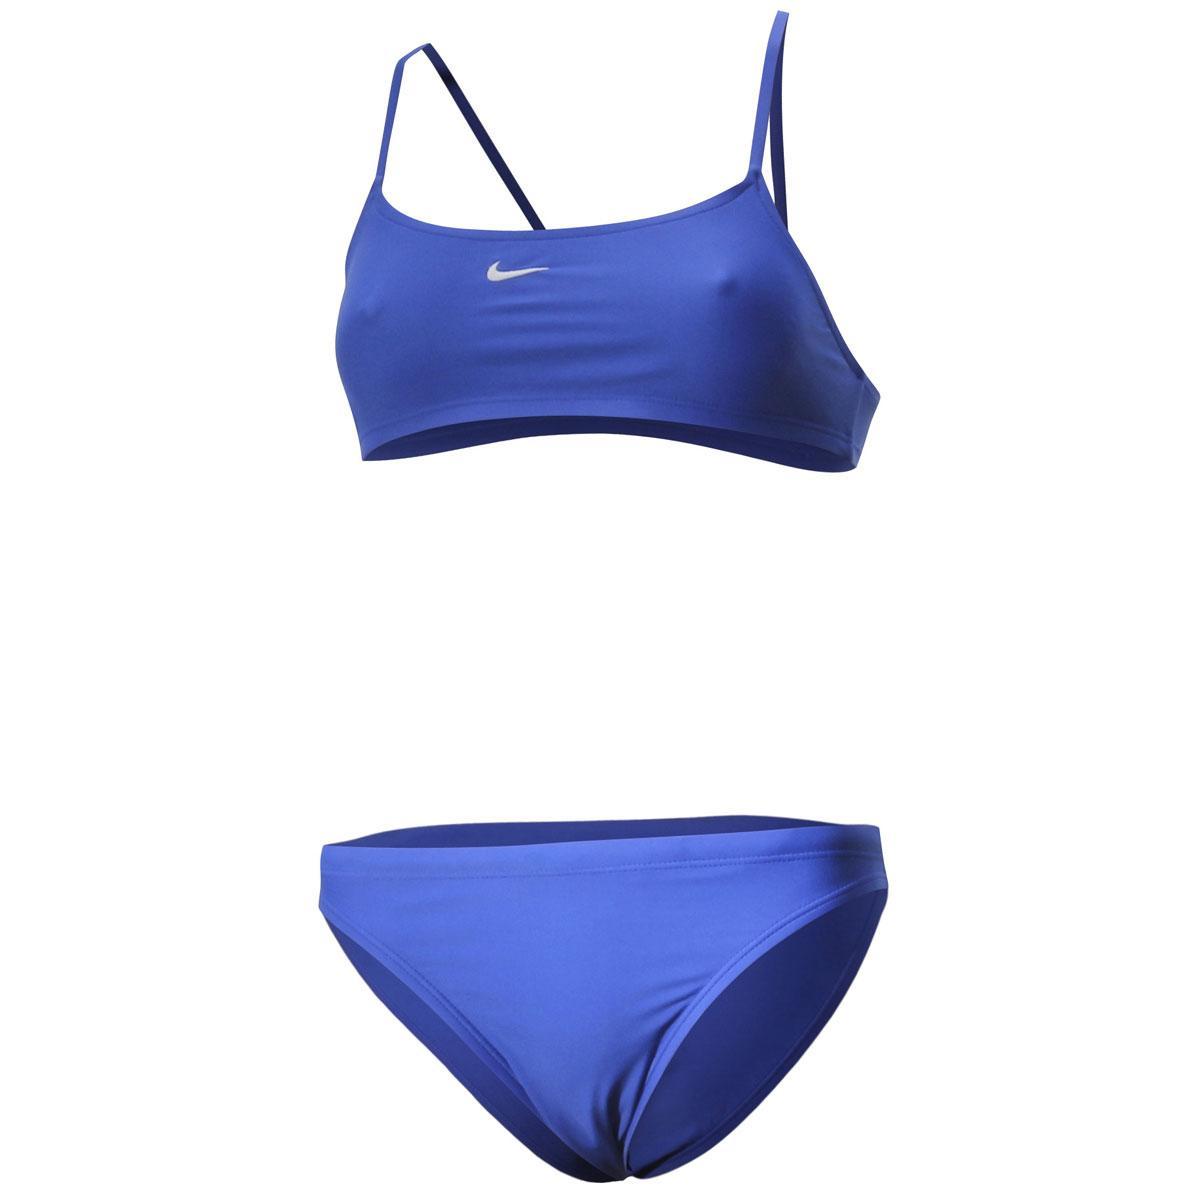 buy online c7ff0 af8c0 ... Performance Swimwear by Nike. 12